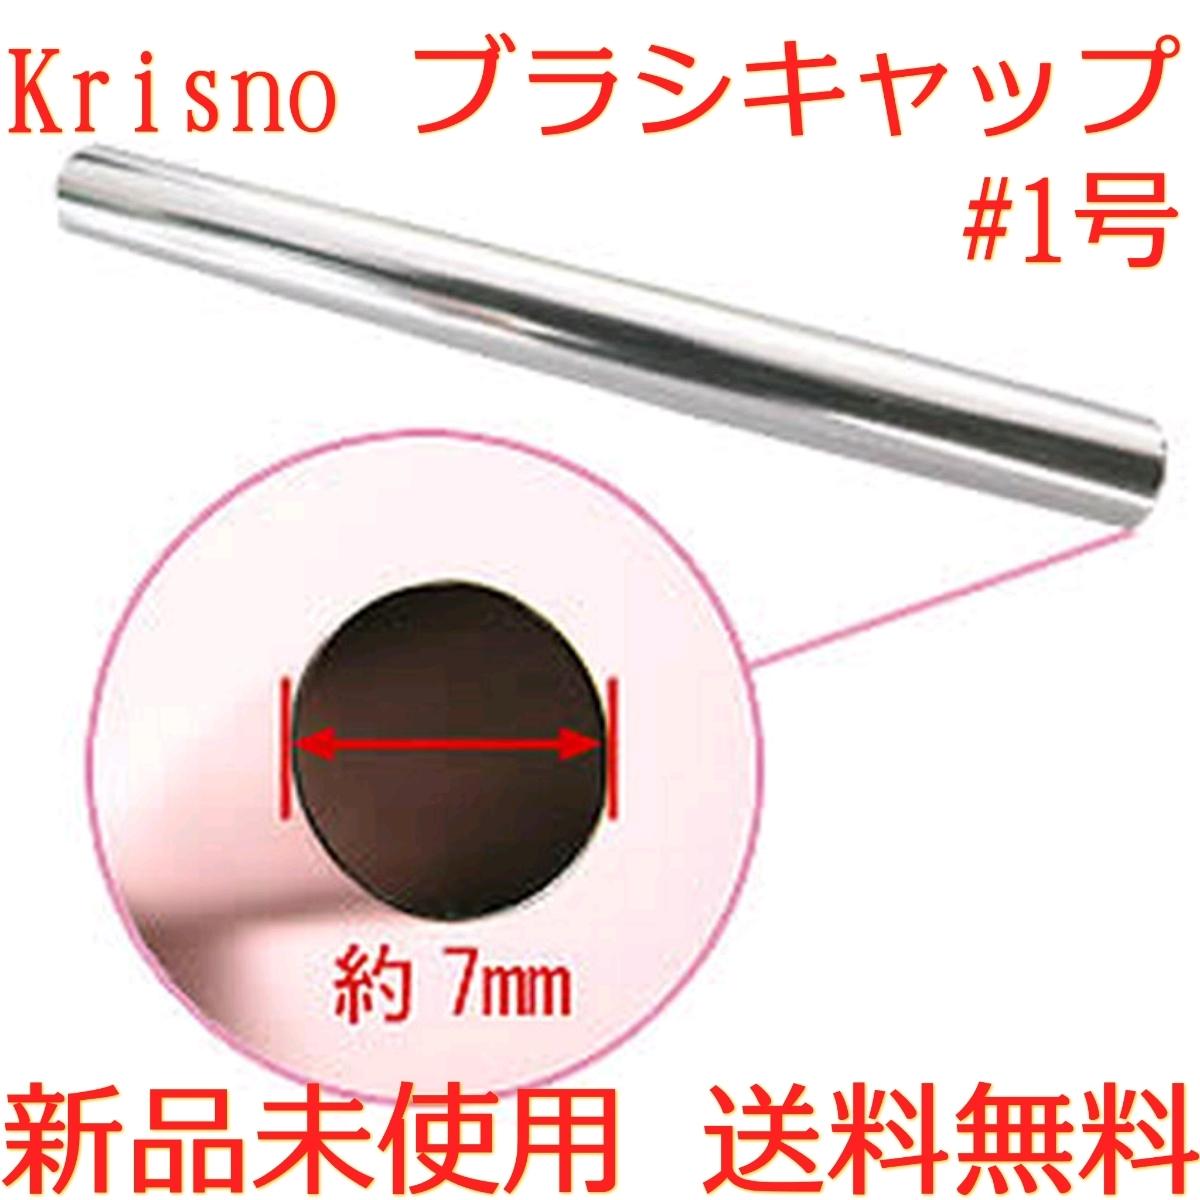 新品 Krisno クリスノ ネイルブラシ キャップ 幅 7mm ふた フタ 蓋 1号 ジェルネイル 筆